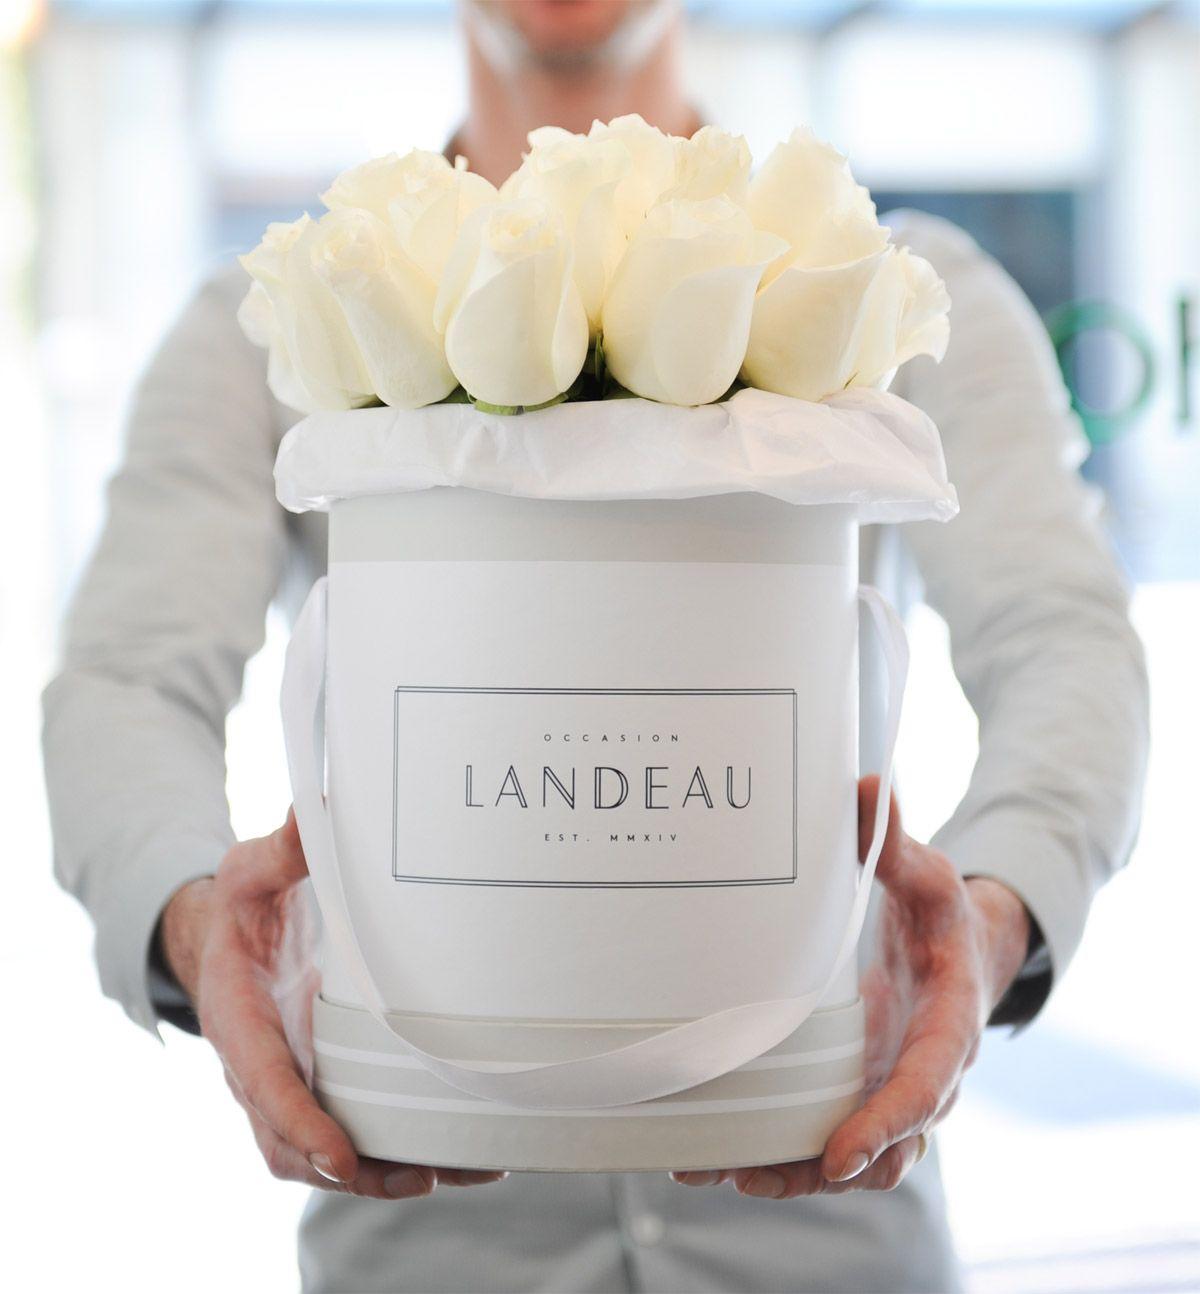 die besten 25 roses delivery ideen auf pinterest anemone hochzeit blumenaufstellung blumen. Black Bedroom Furniture Sets. Home Design Ideas